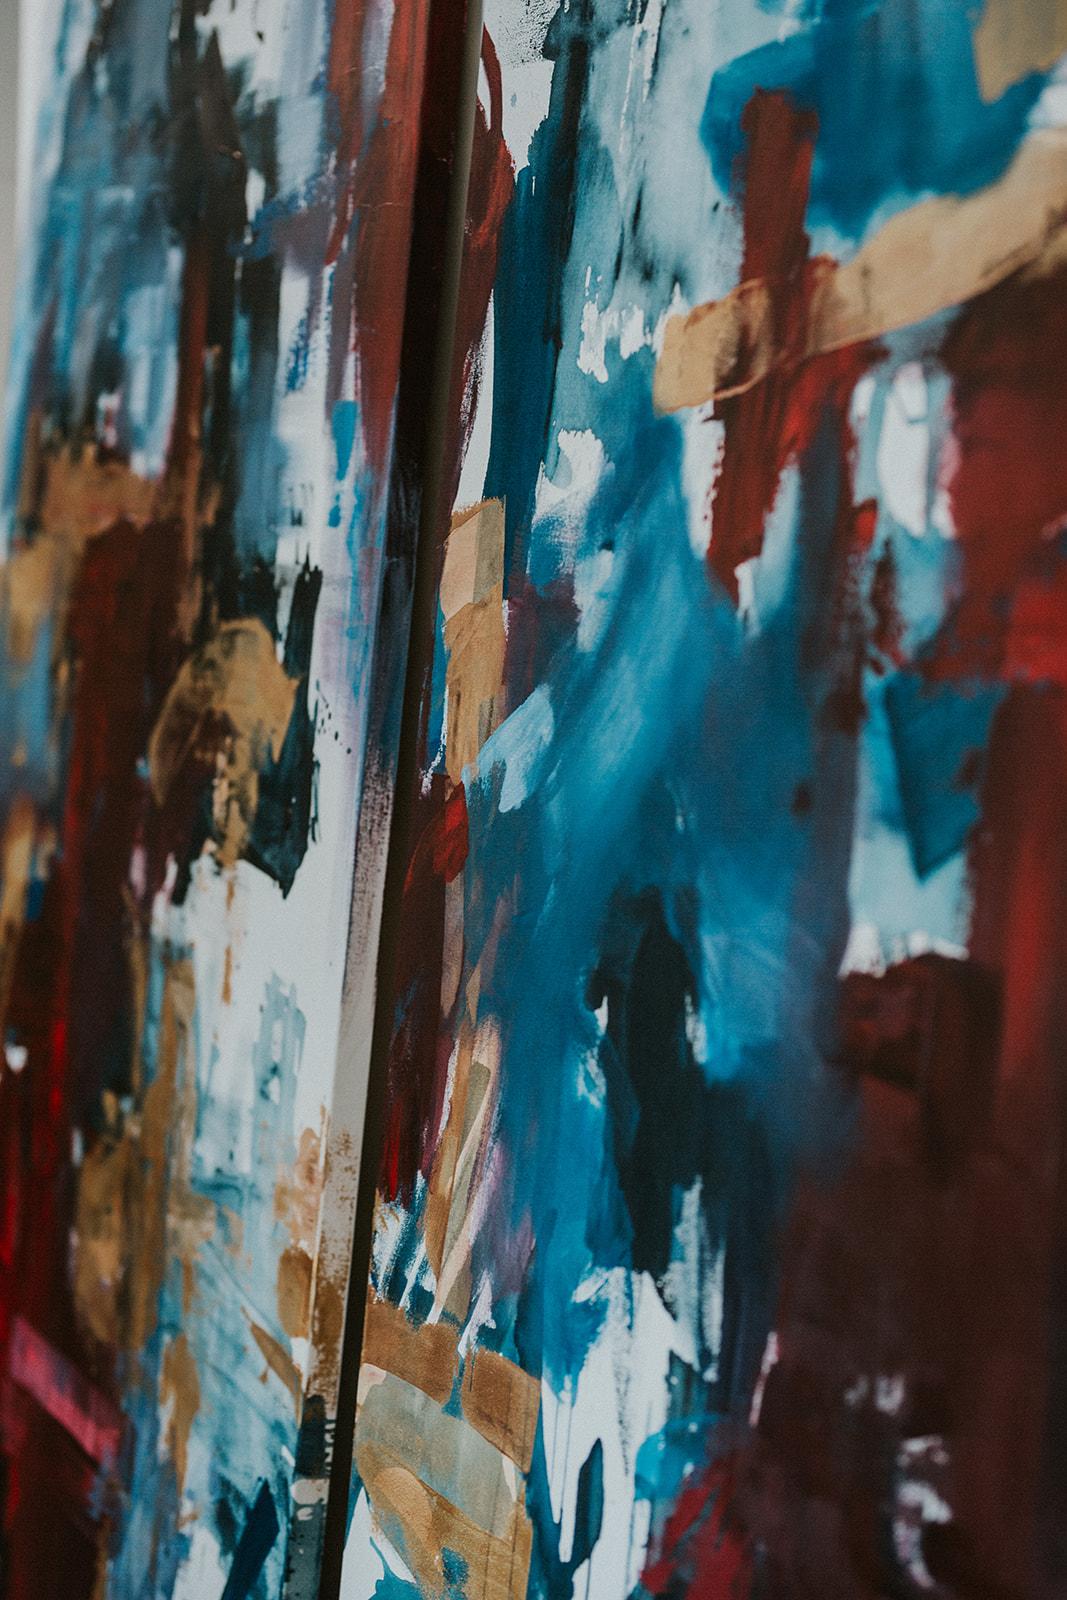 charleston-art-installation-women-artists